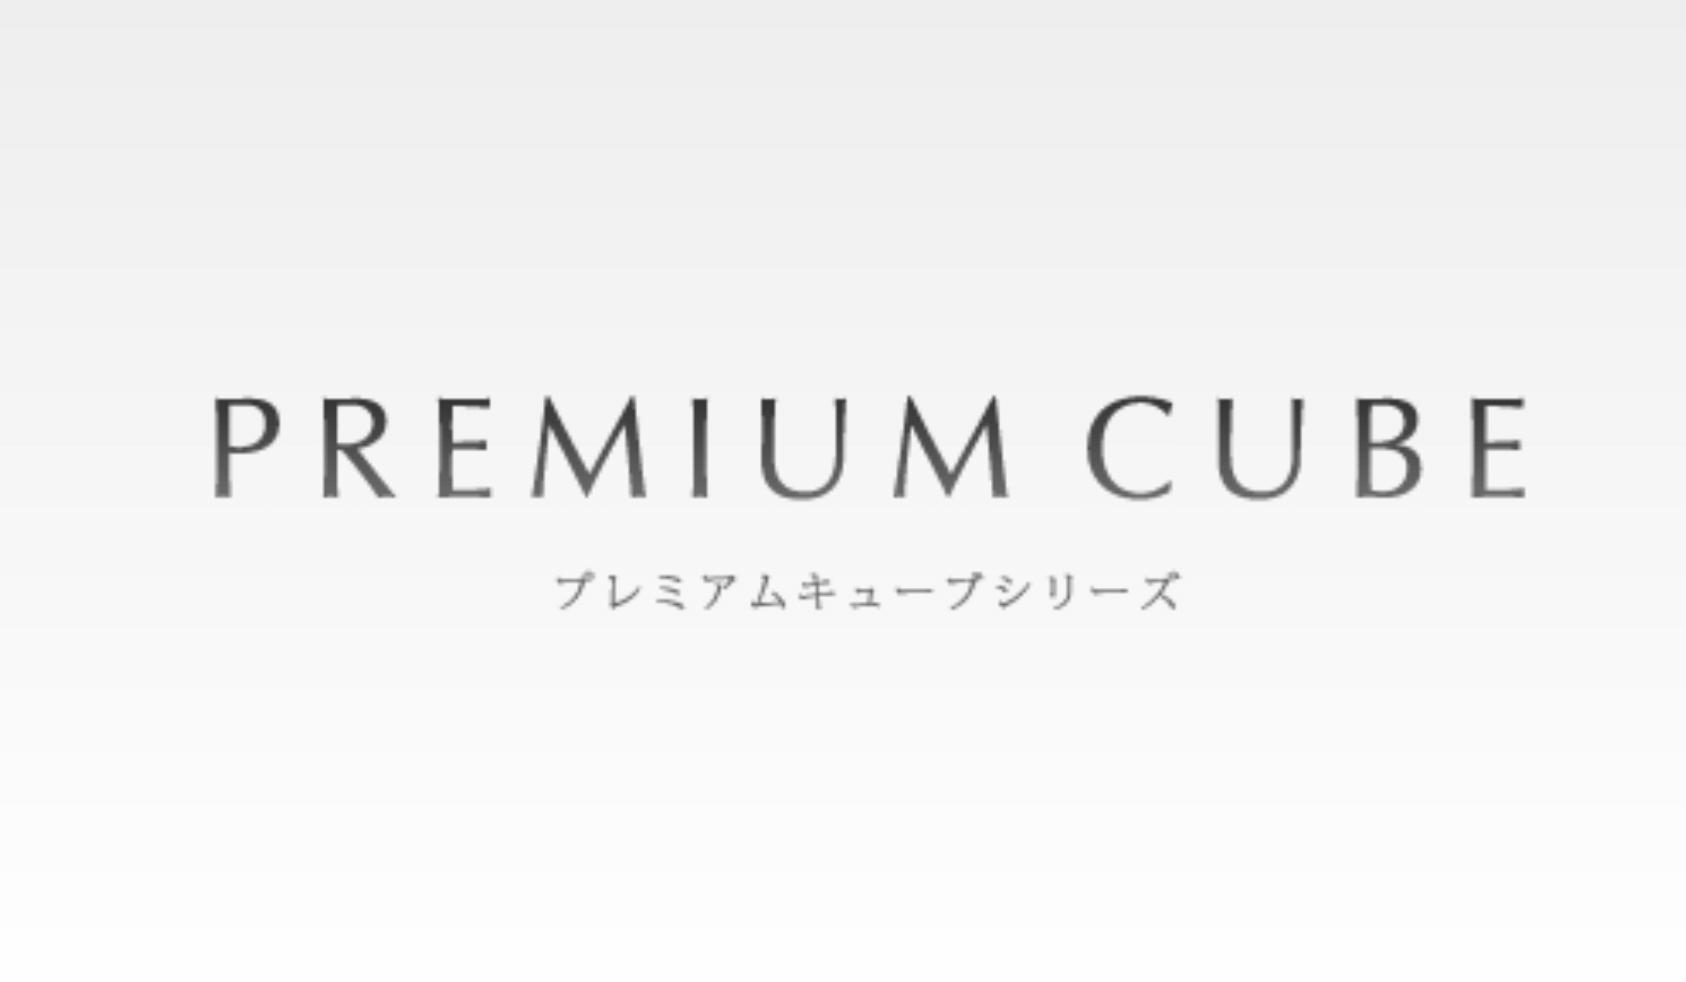 プレミアムキューブシリーズの公式hp